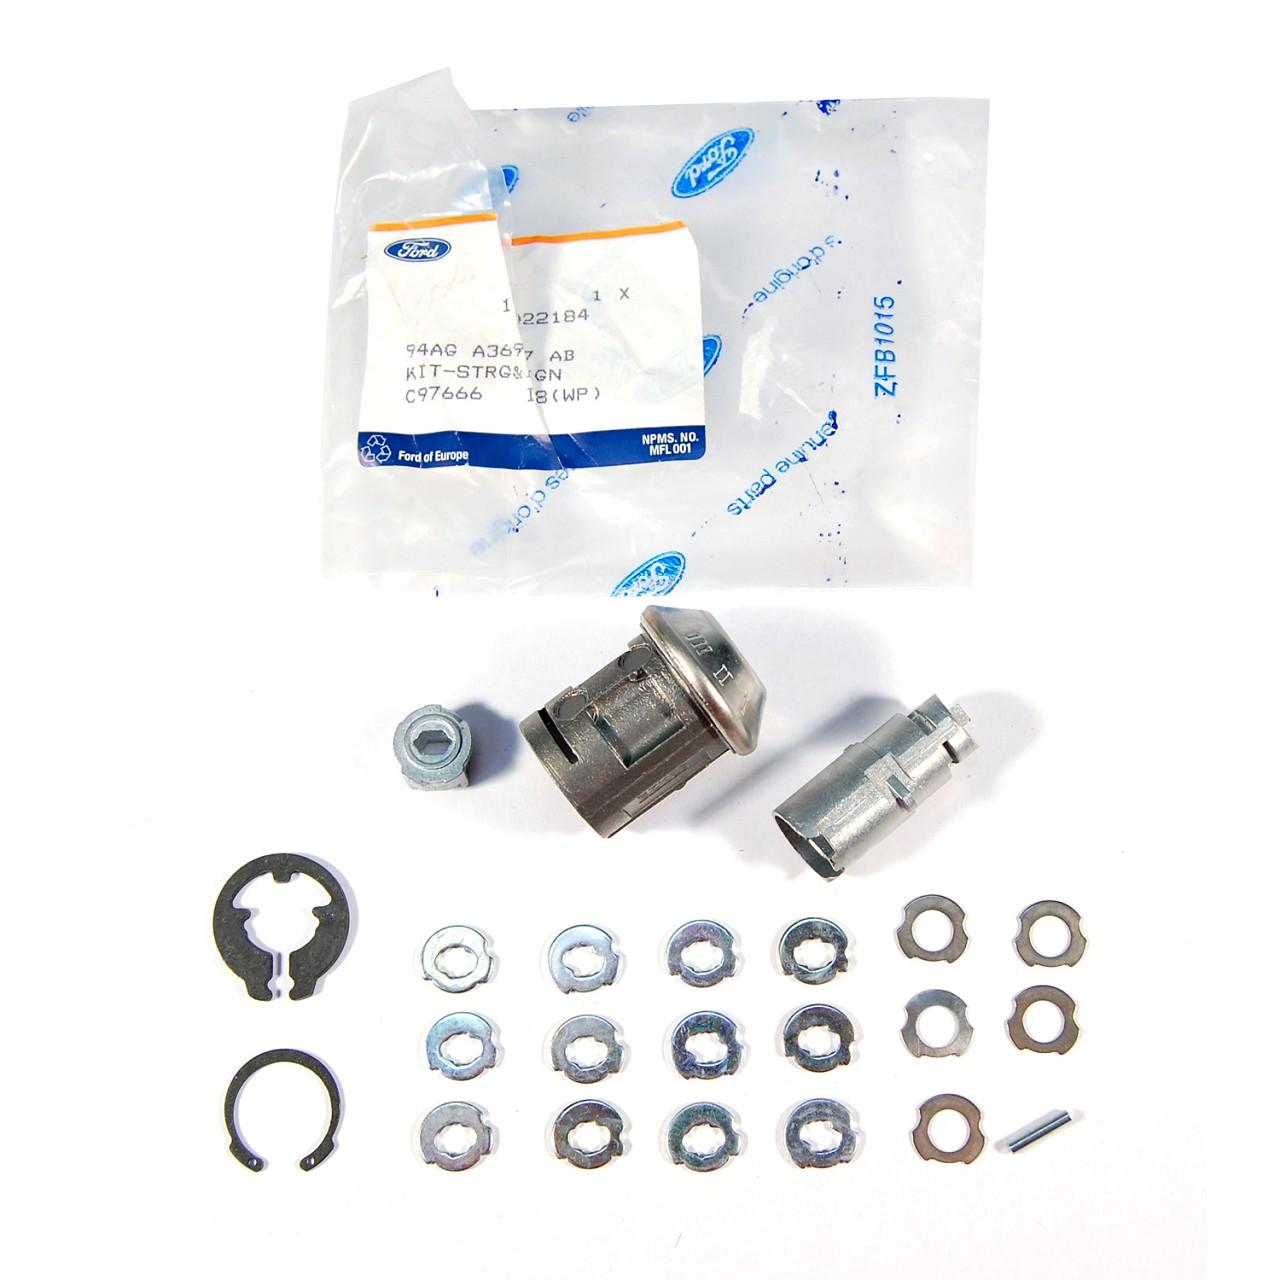 ORIGINAL Ford Schließzylinder Zündschloss 1022184